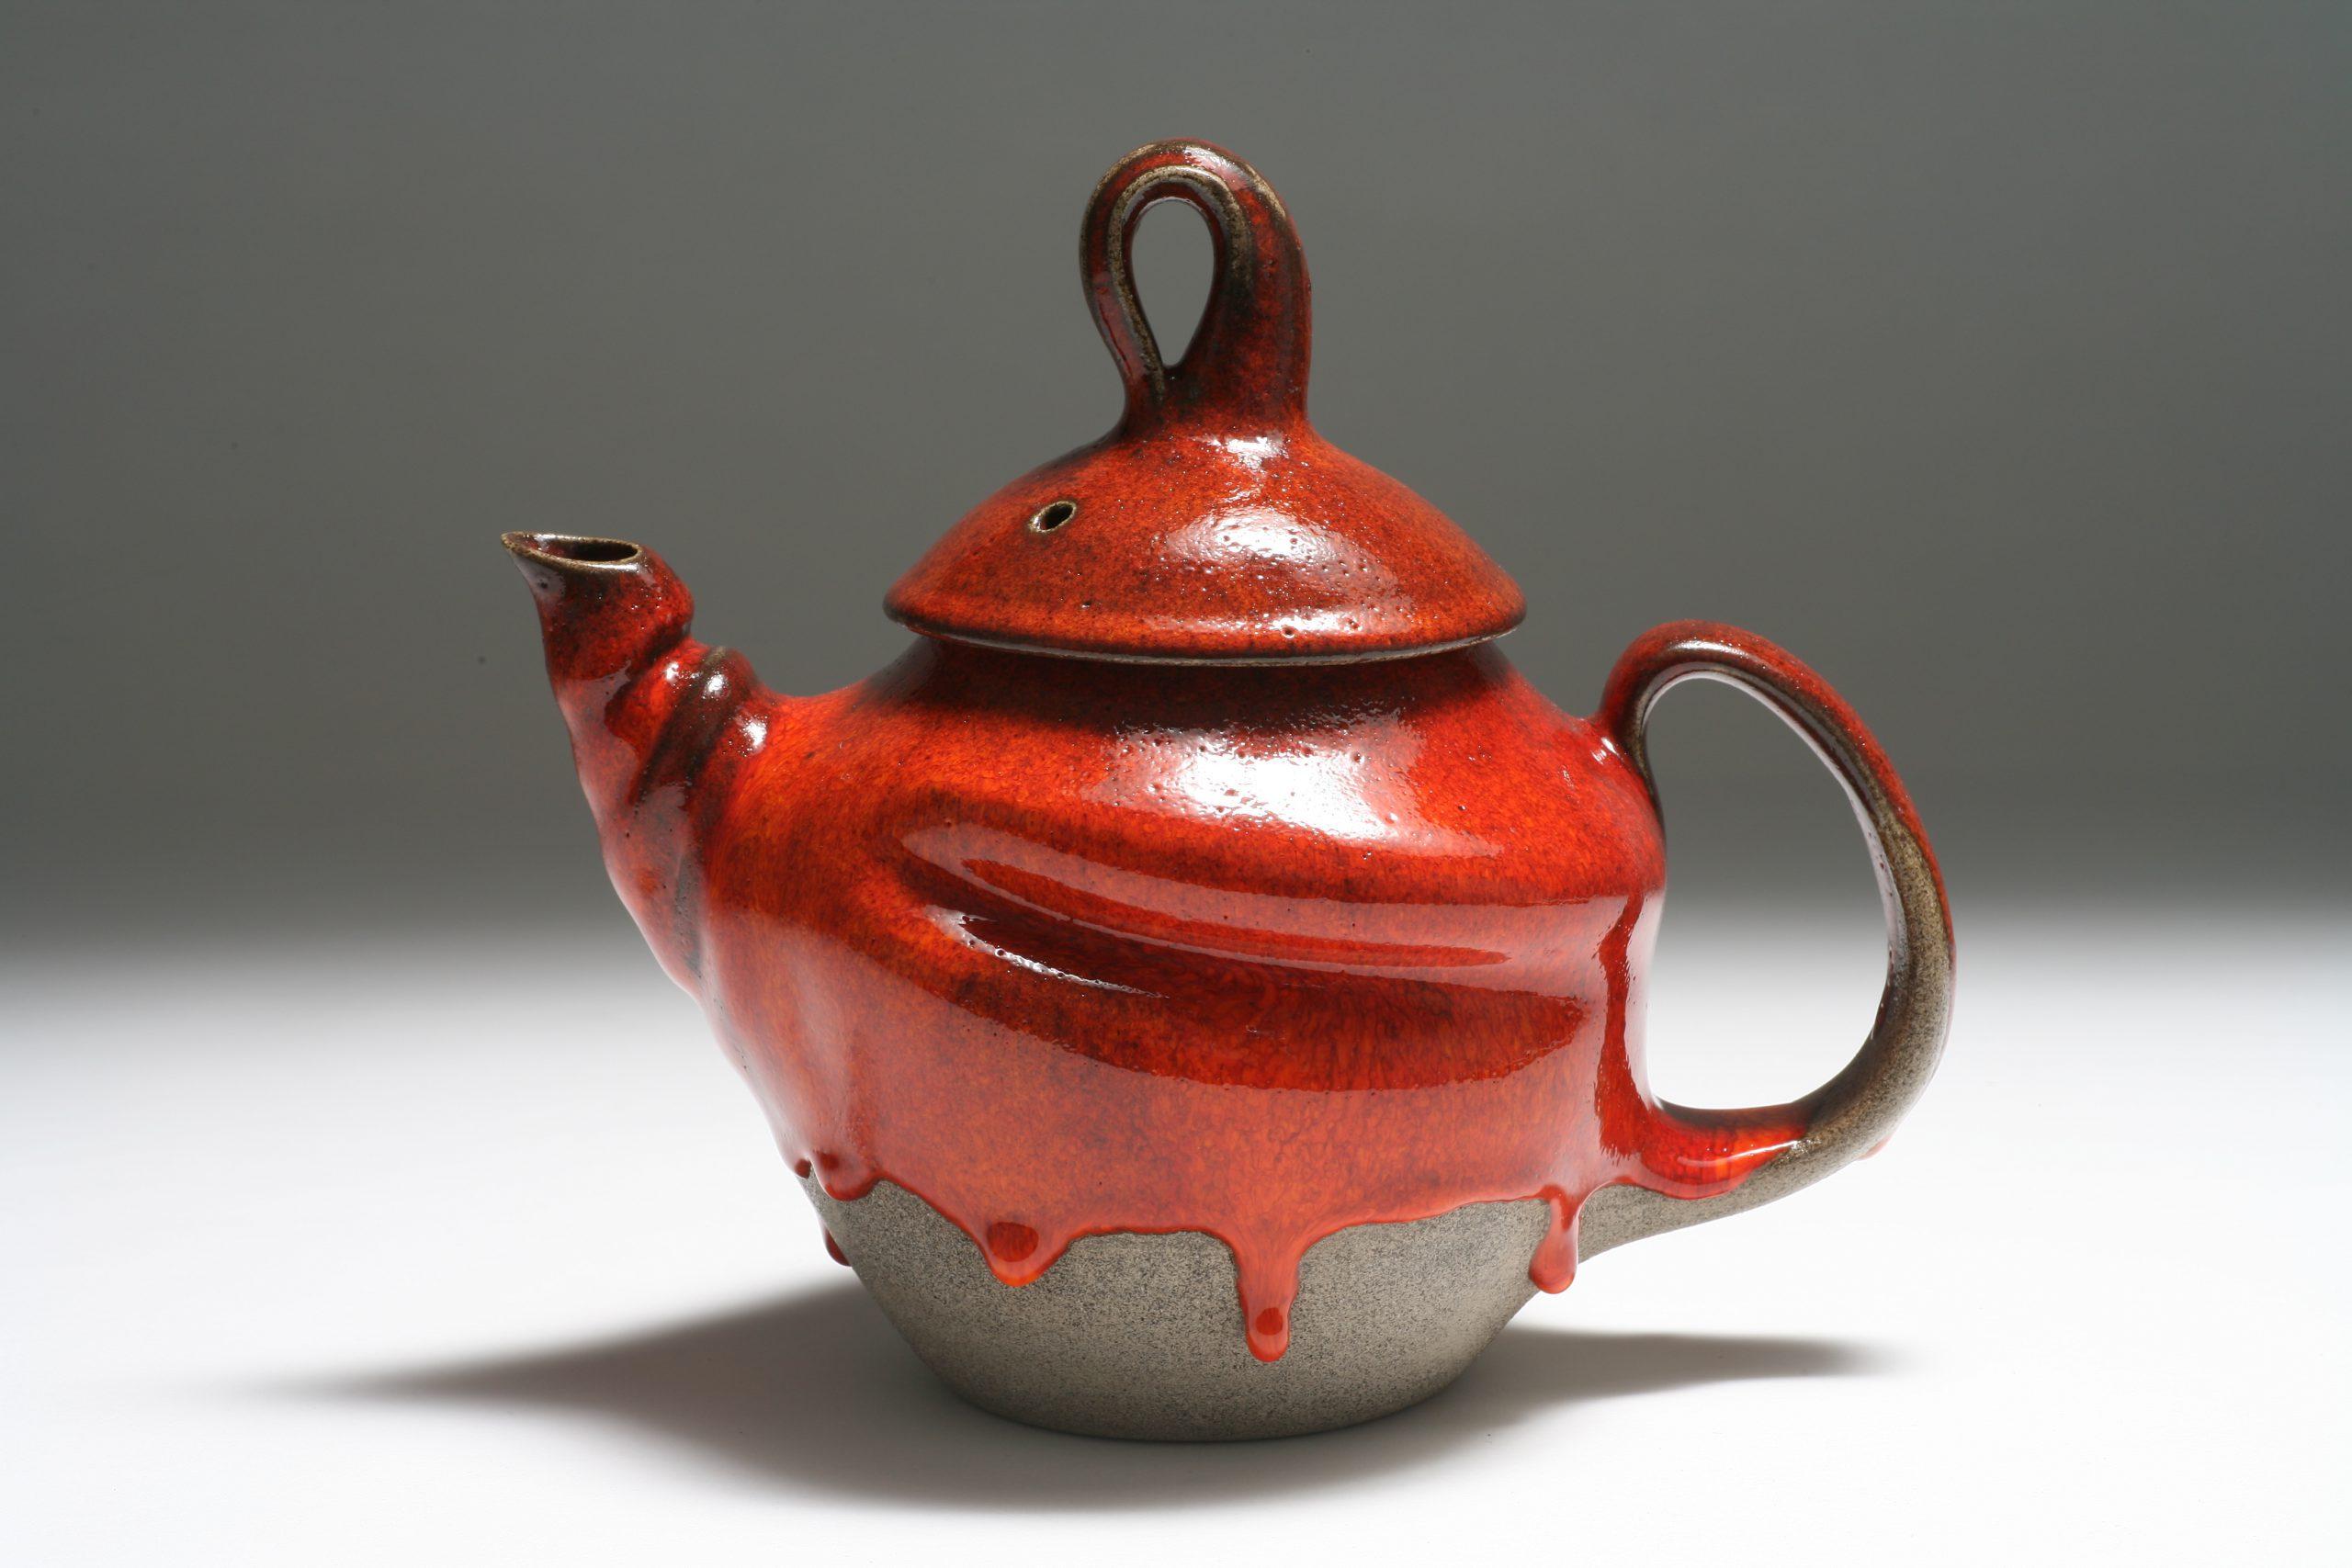 tea pot 05-10-08 067